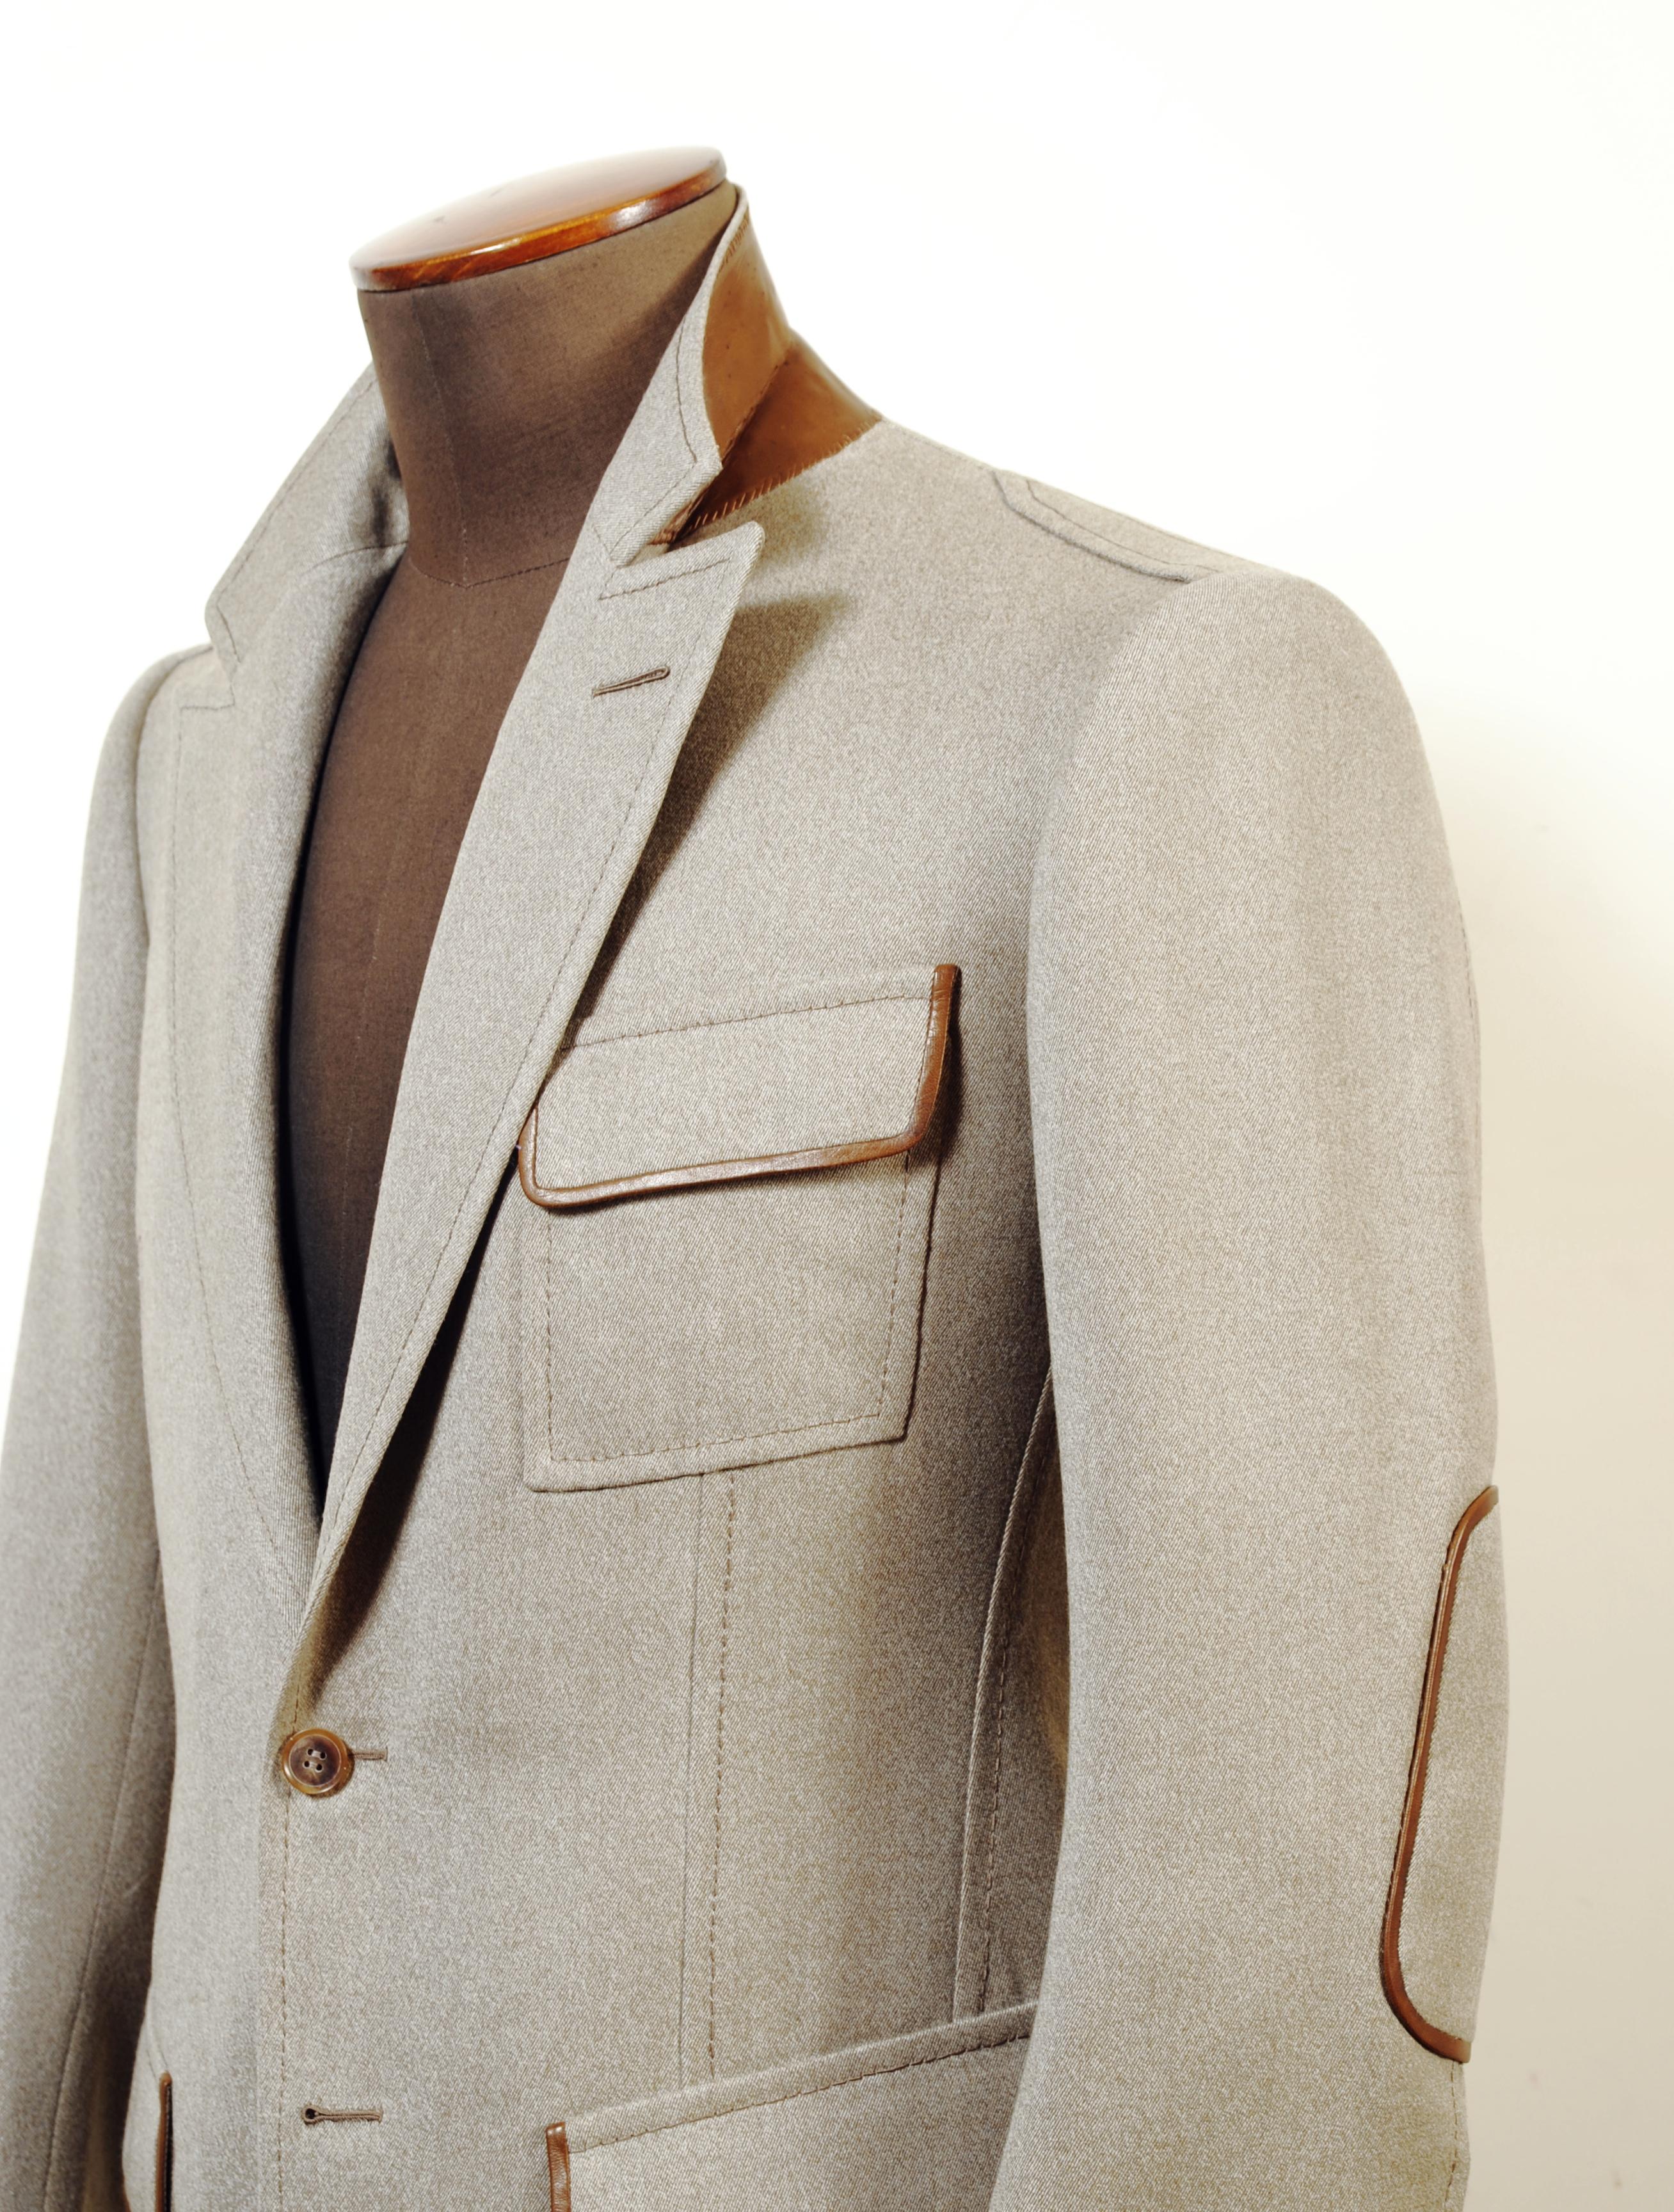 Sneak peek at 2 new sport jackets by Cifonelli Bespoke